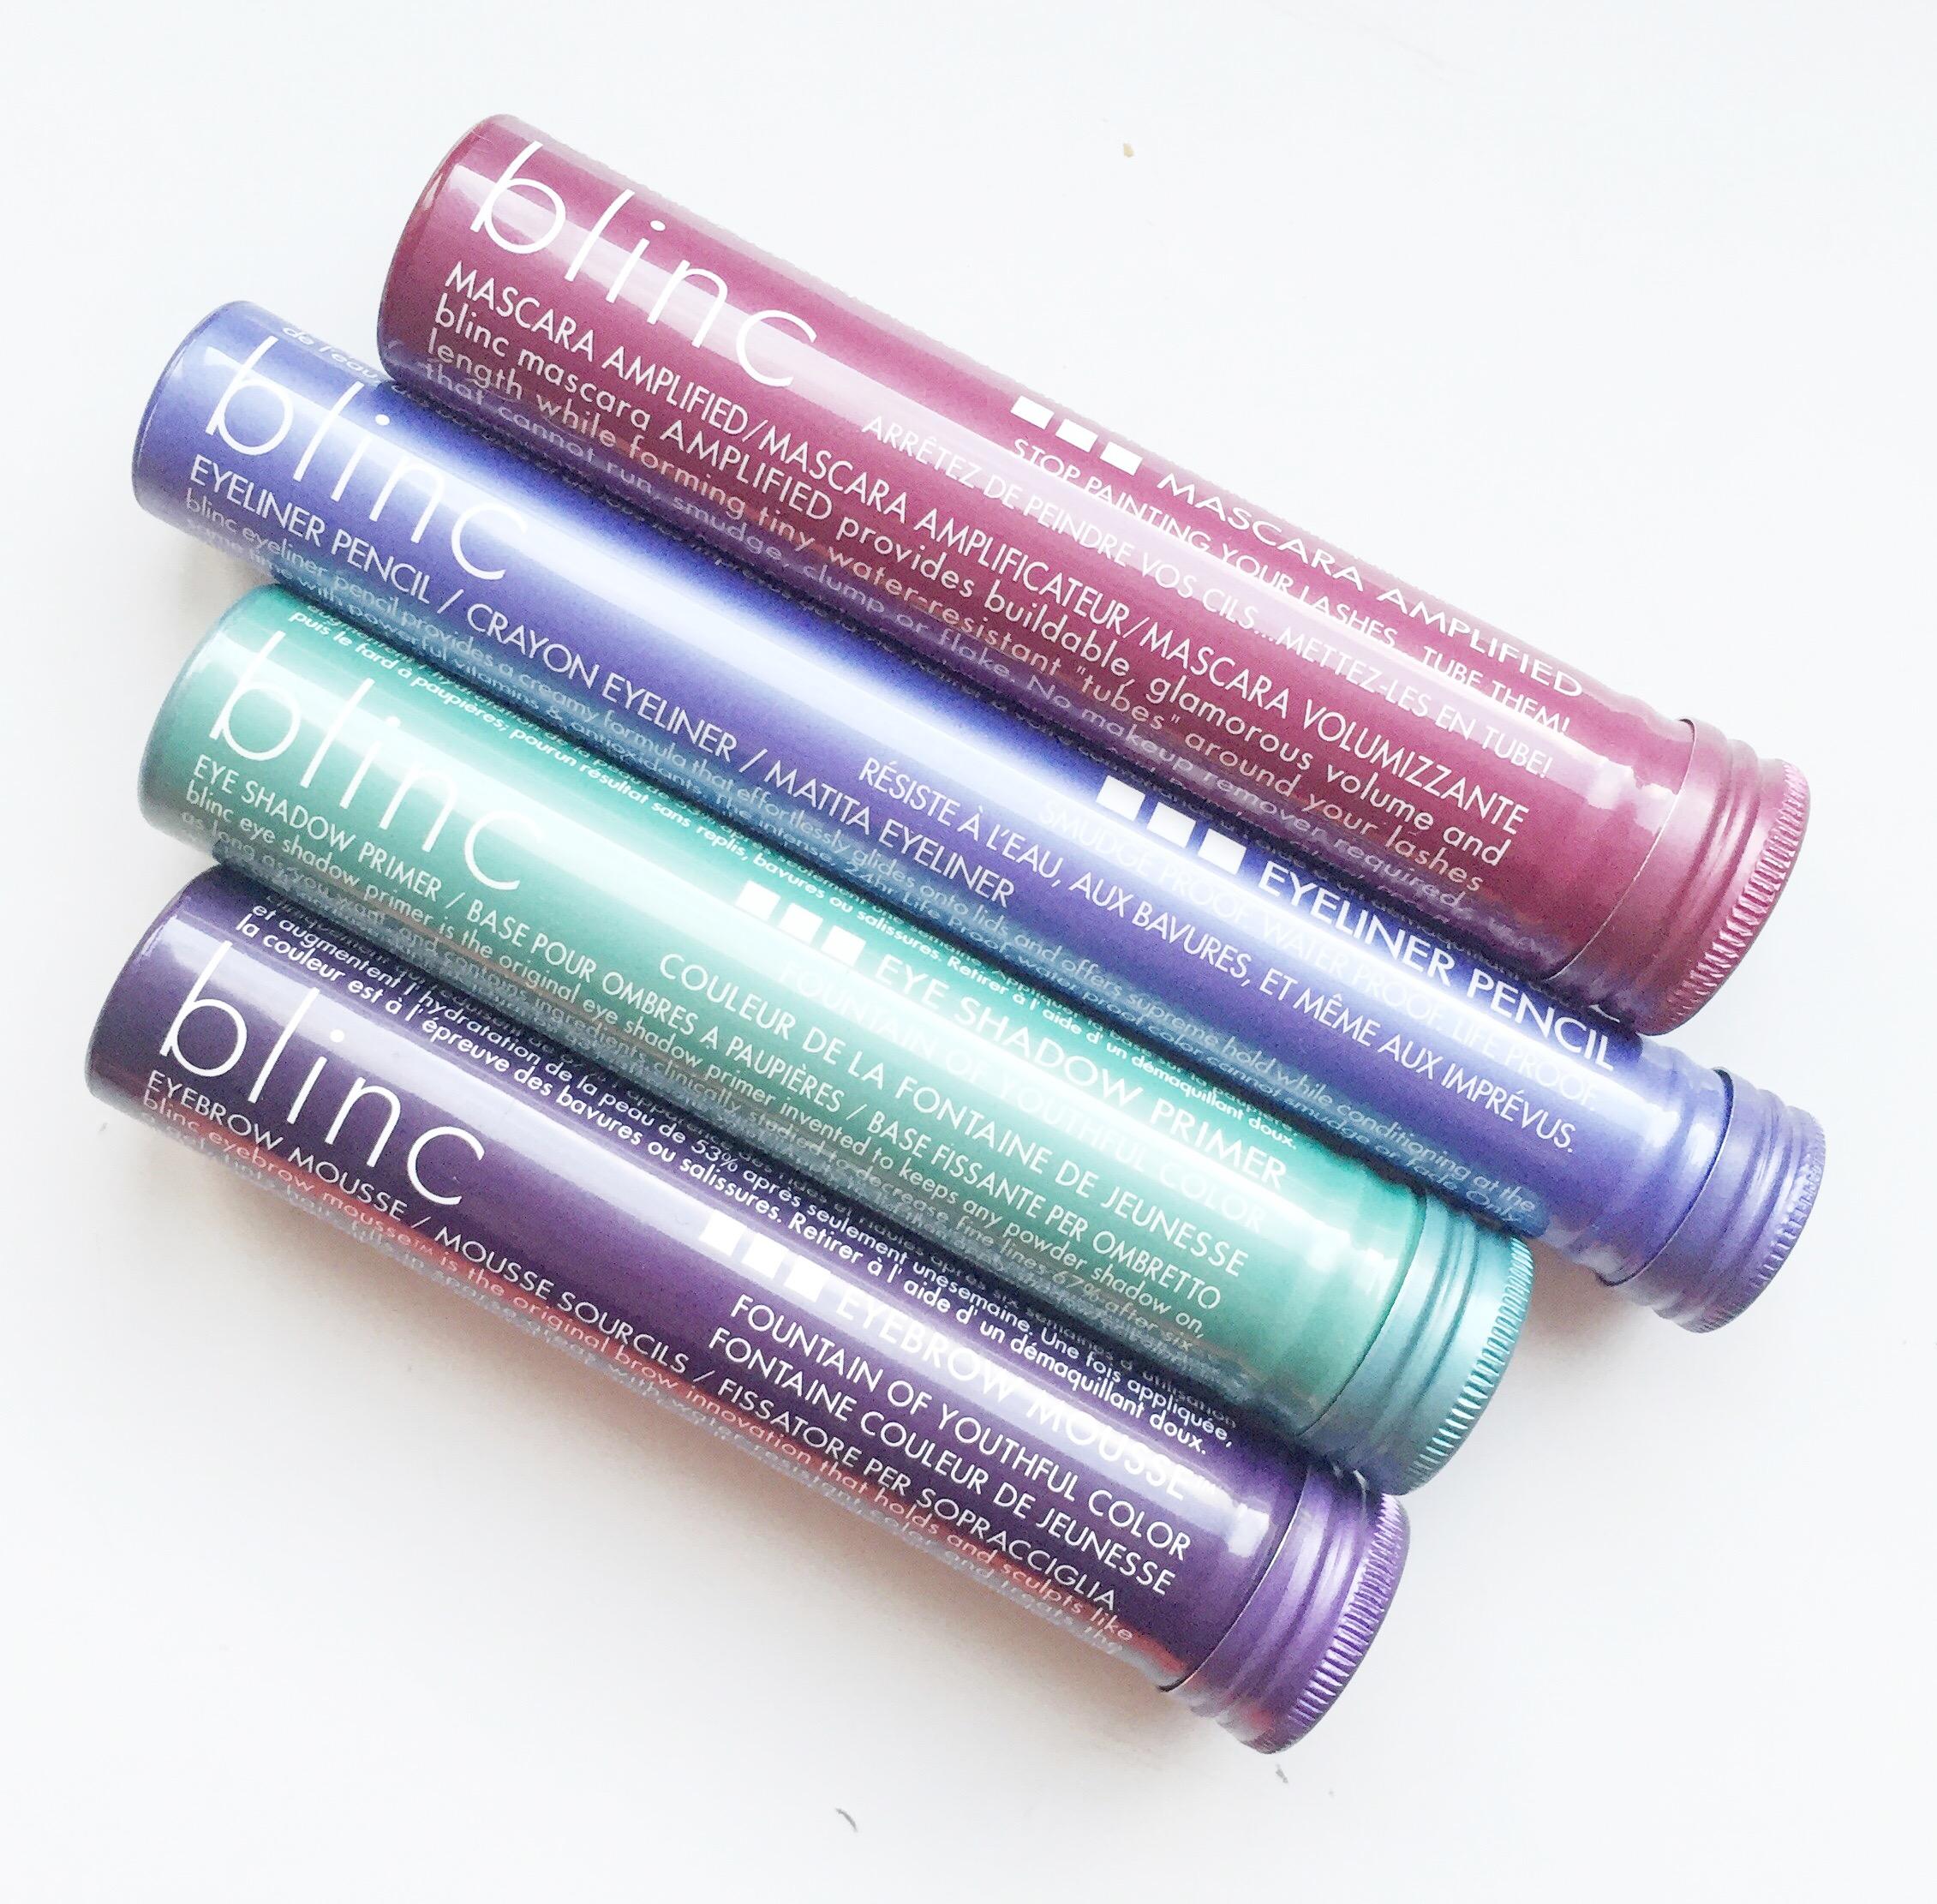 blinc eye makeup promises to offer long-lasting wear